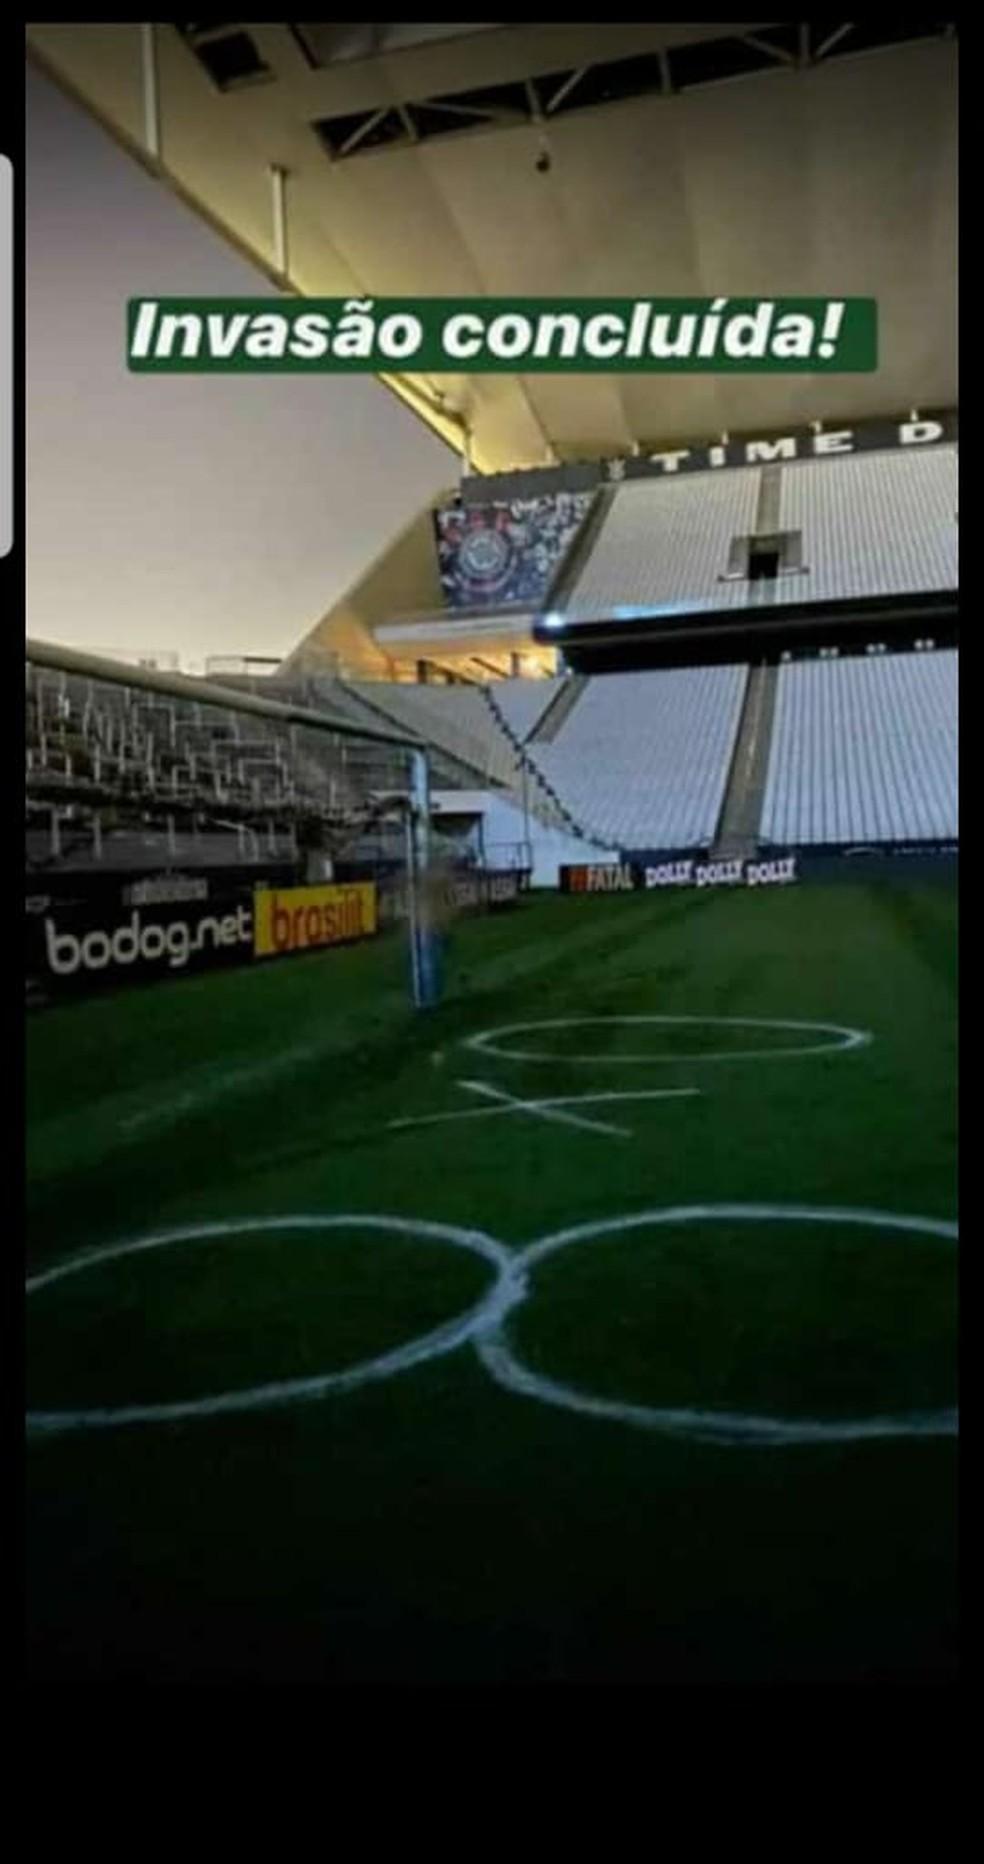 Foto que está sendo usada pela Polícia na investigação da invasão da Arena Corinthians — Foto: Reprodução